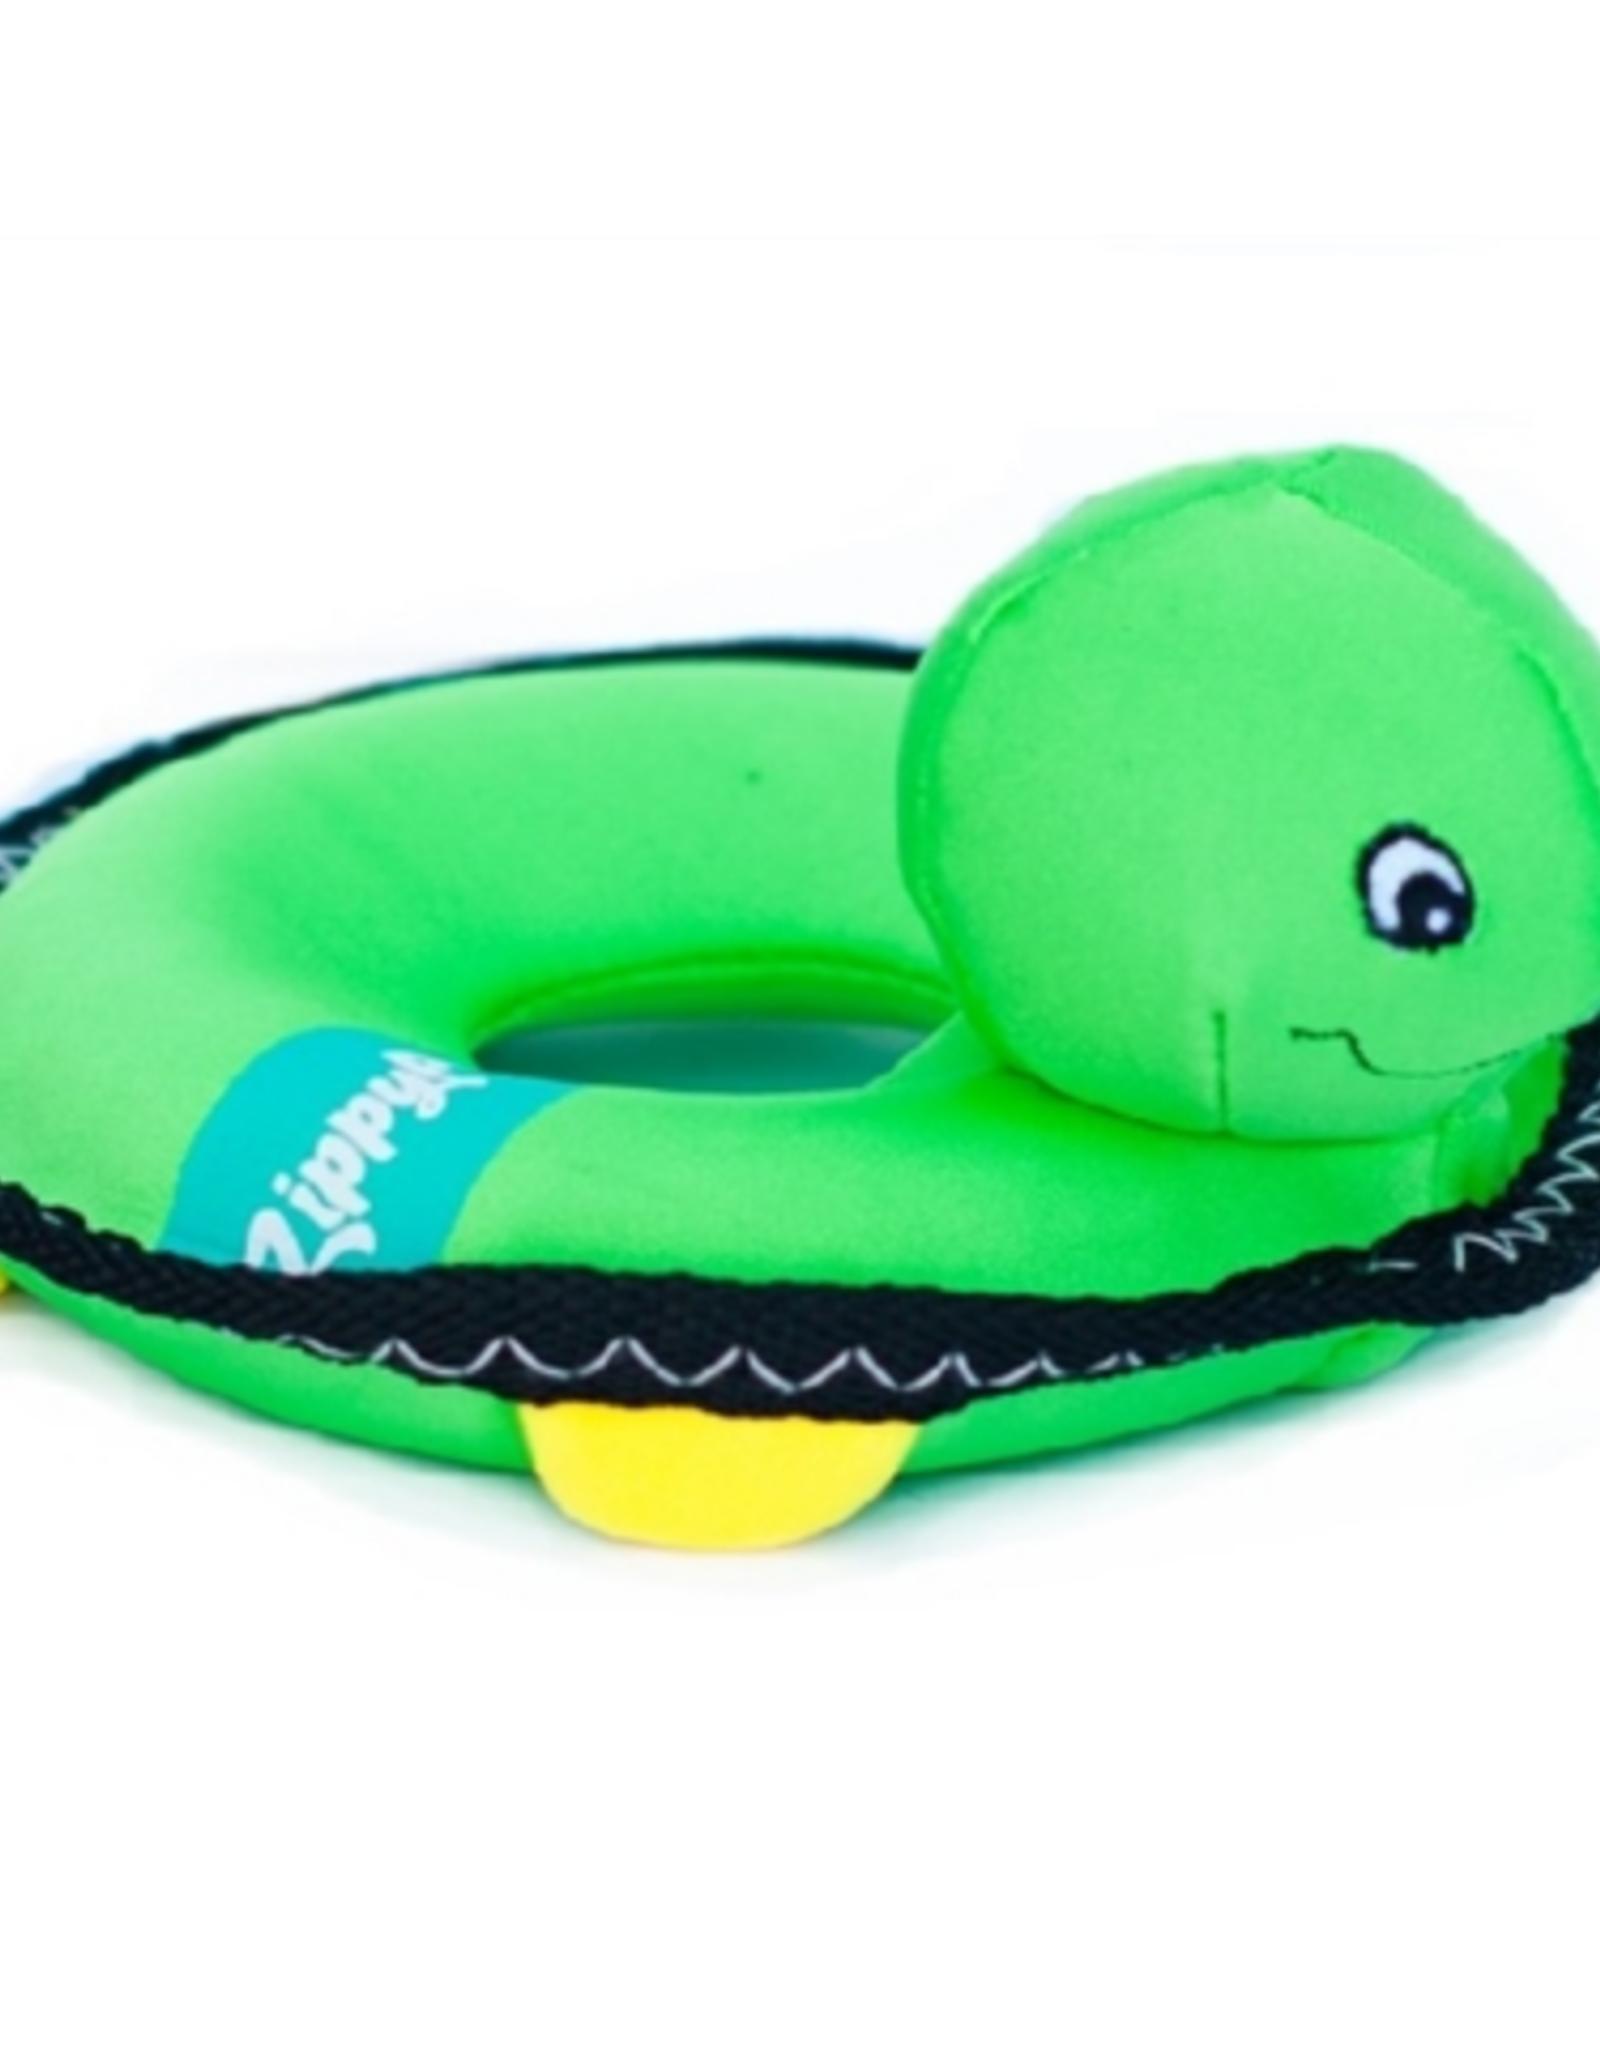 ZippyPaws Z-Stitch Floaterz